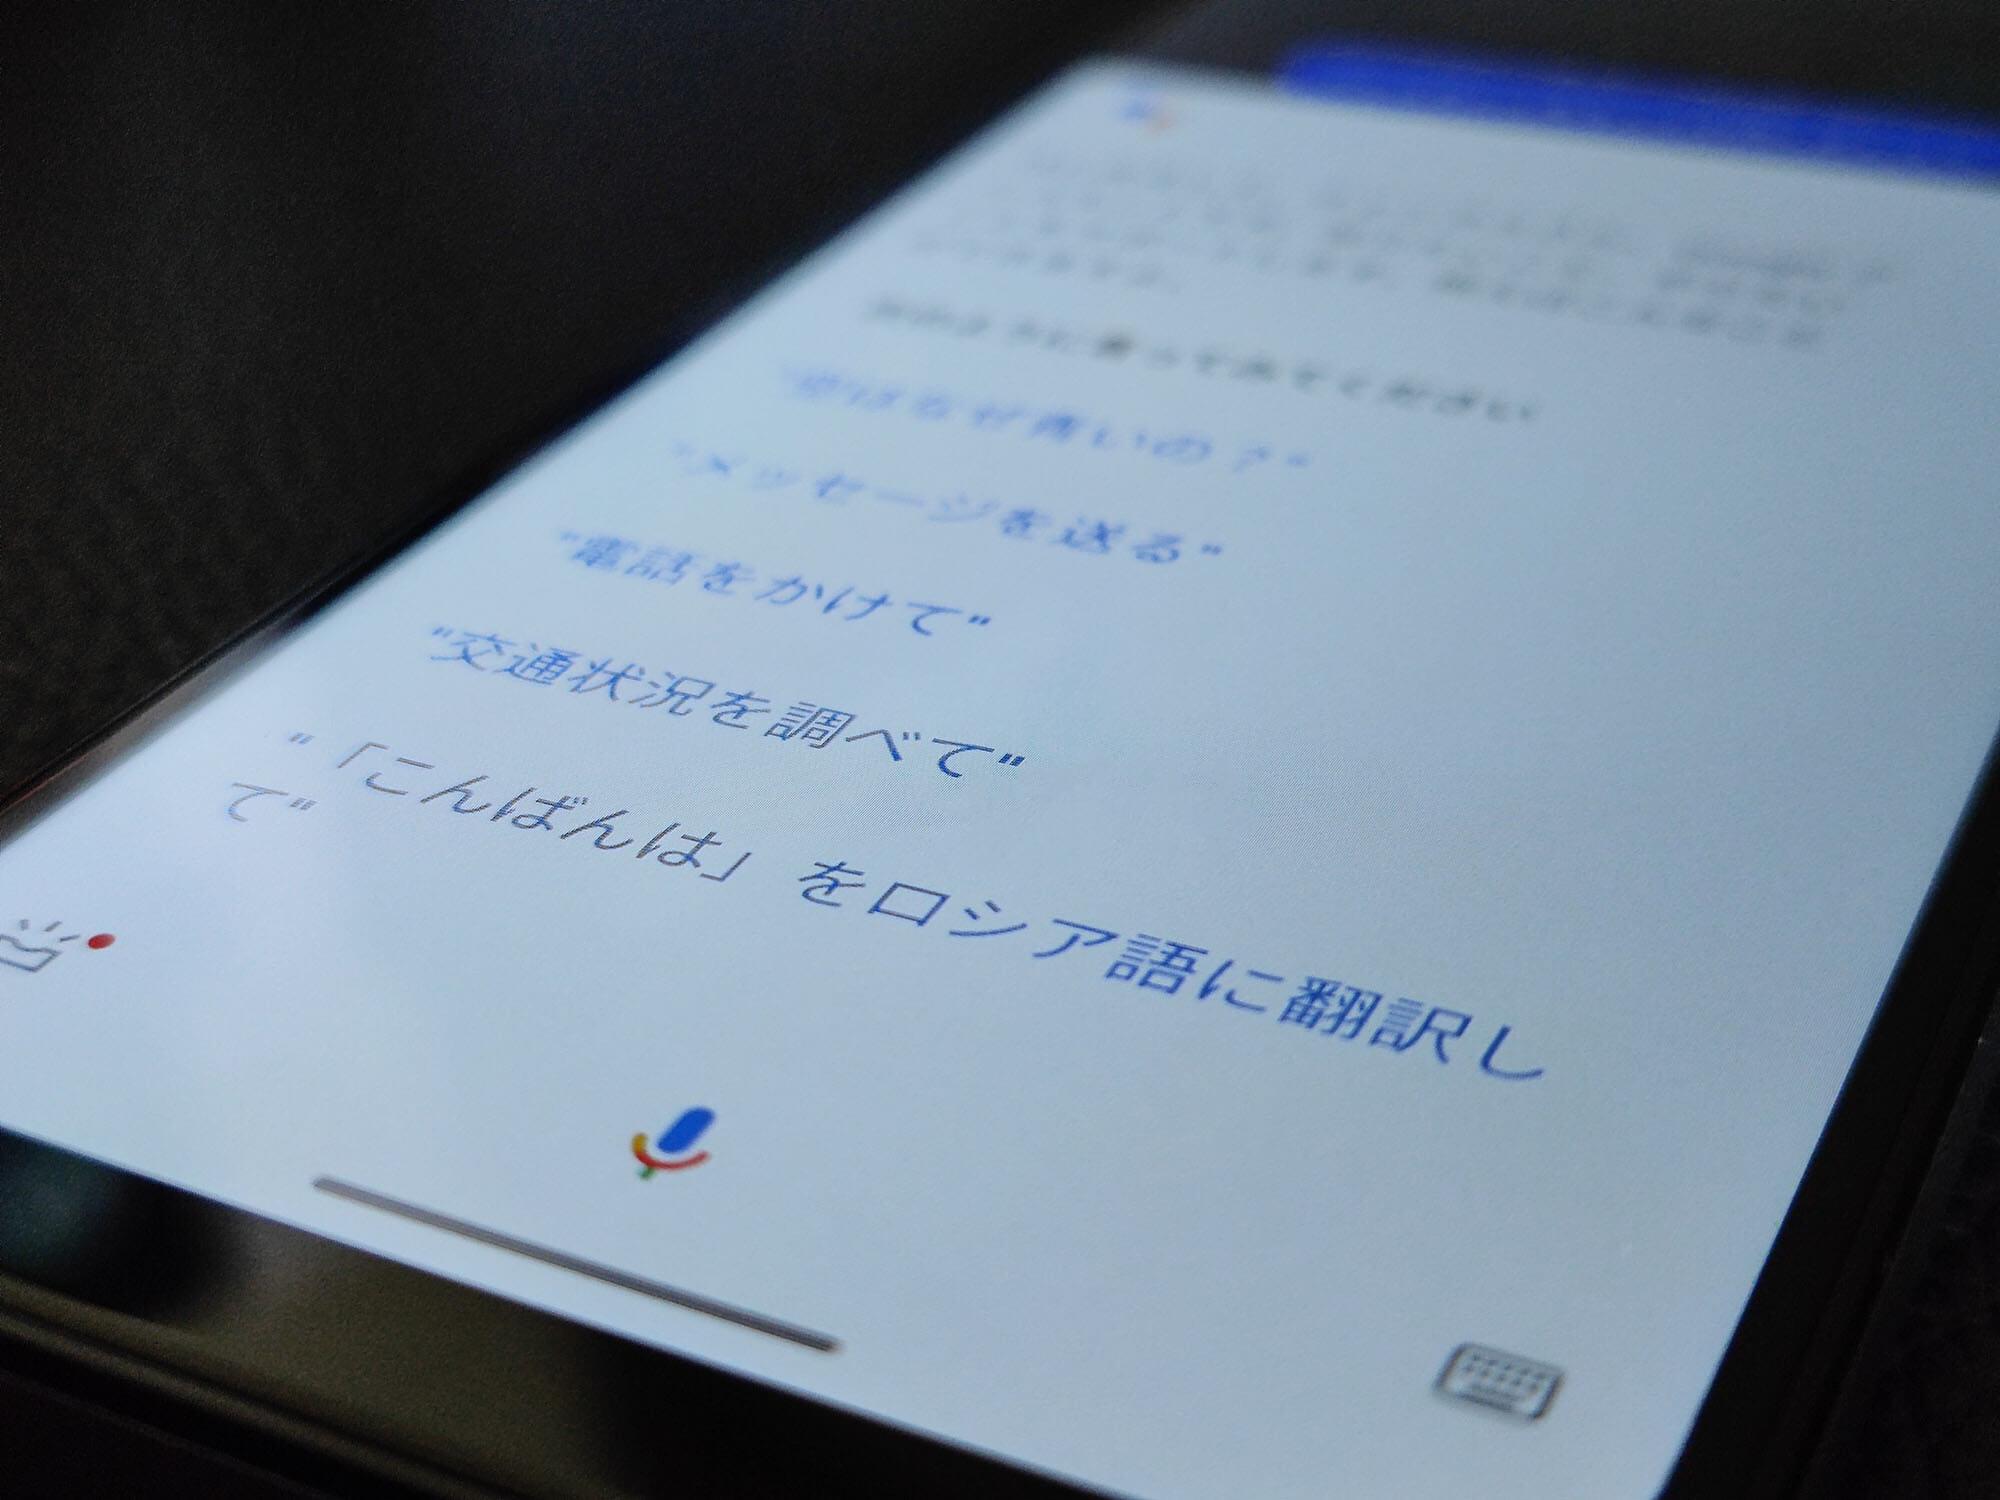 Googleアシスタントは話しかけるだけでスマートフォンを操作出来る